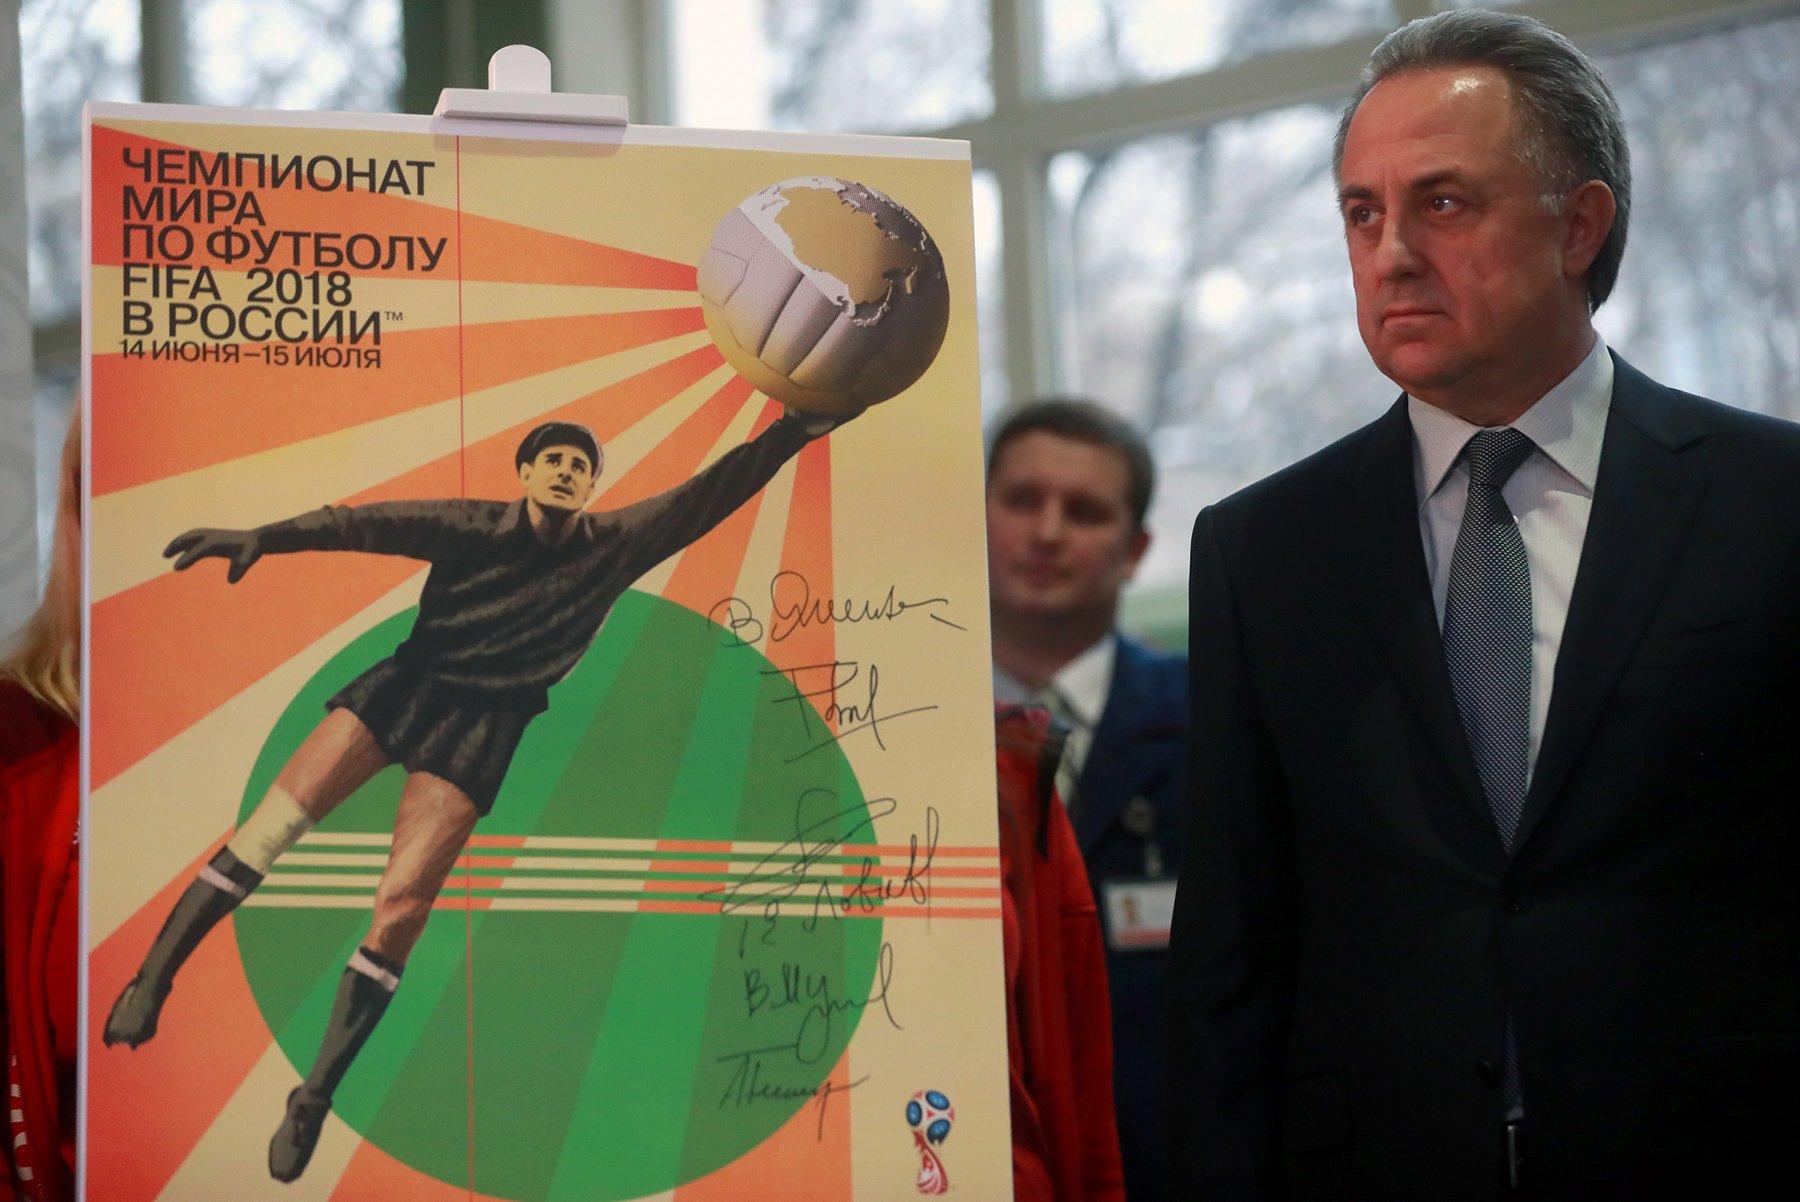 в году мира в 2018 по пройдет россии футболу чемпионат в